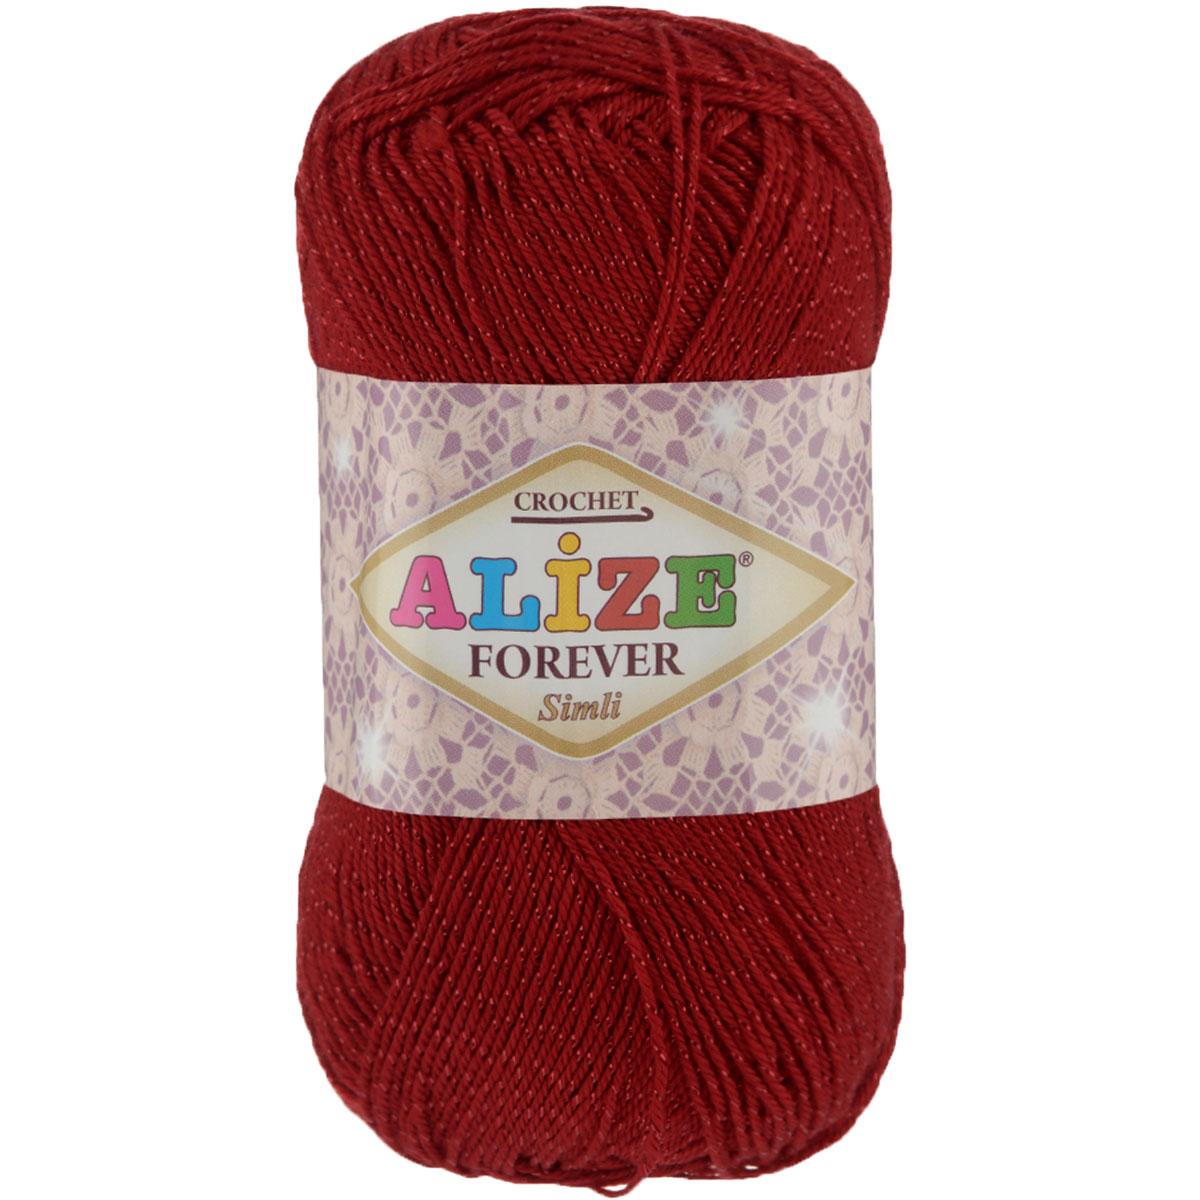 Пряжа для вязания Alize Forever simli, цвет: красный (106), 280 м, 50 г, 5 шт697549_106Пряжа для вязания Alize Forever simli- это тщательно обработанная акриловая пряжа, которая приобретает вид мерсеризованной нити. Красивая классическая пряжа с люрексом, прочная, мягкая и шелковистая. Люрекс, предаст вашему изделию индивидуальность и яркость. Благодаря удачно подобранной тон в тон блестящей нити, создается впечатление, что пряжа светится изнутри. Пряжа Alize Forever simli предназначена для вязания летних и весенних вещей и прекрасно подойдет как для спиц, так и для крючка. Пряжа прекрасно подойдет для вязания нарядных топов, ажурных кофточек, платьев и костюмов, а также для отделки изделий. Рекомендованные спицы № 2-3,5, крючок № 0,75-1,5. Состав: 96% акрил, 4% люрекс.